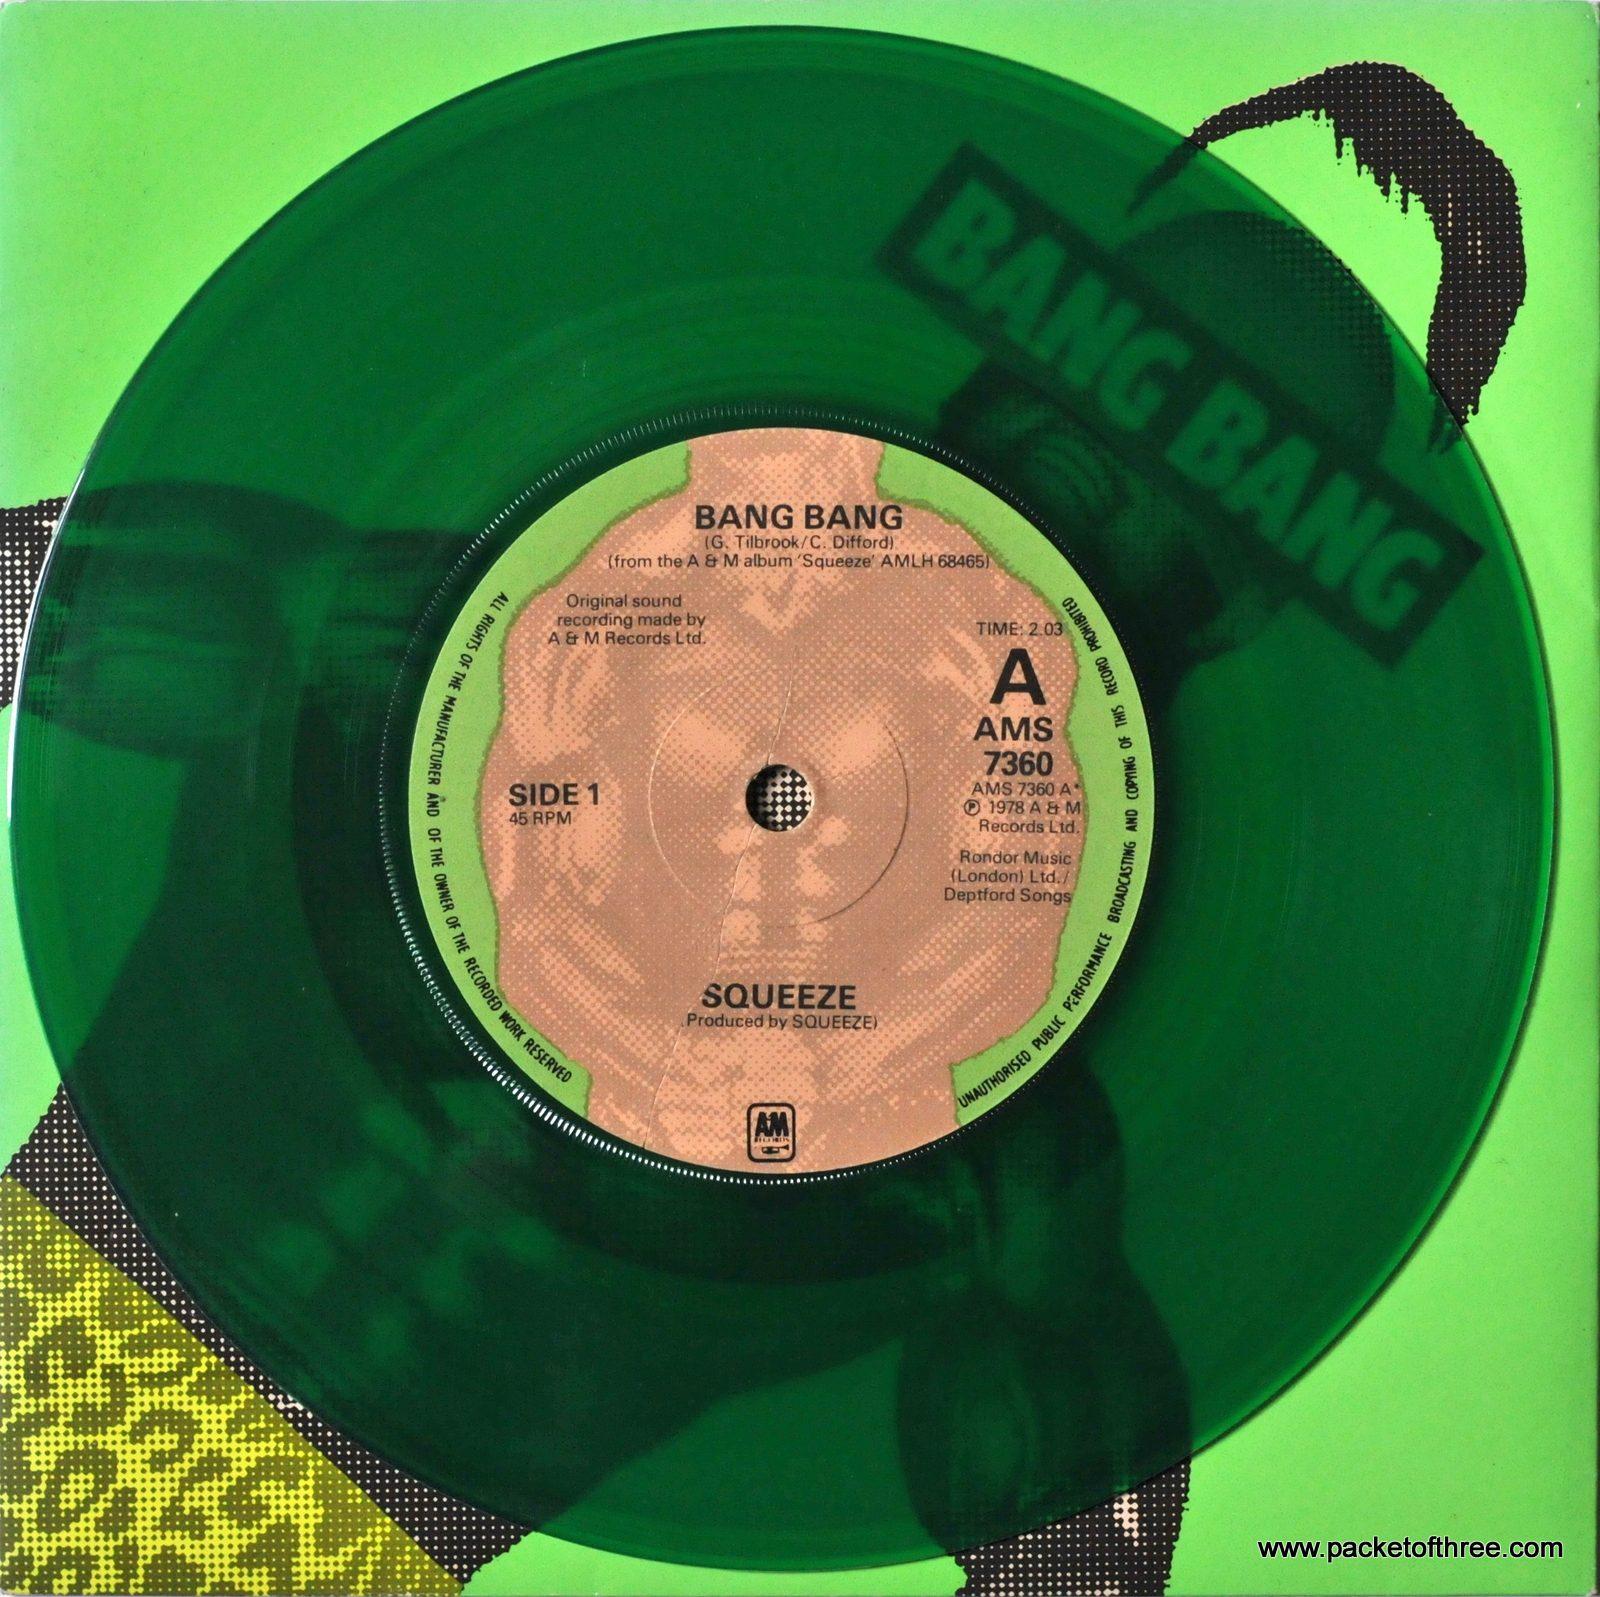 Bang Bang – UK – 7″ – picture sleeve - green vinyl